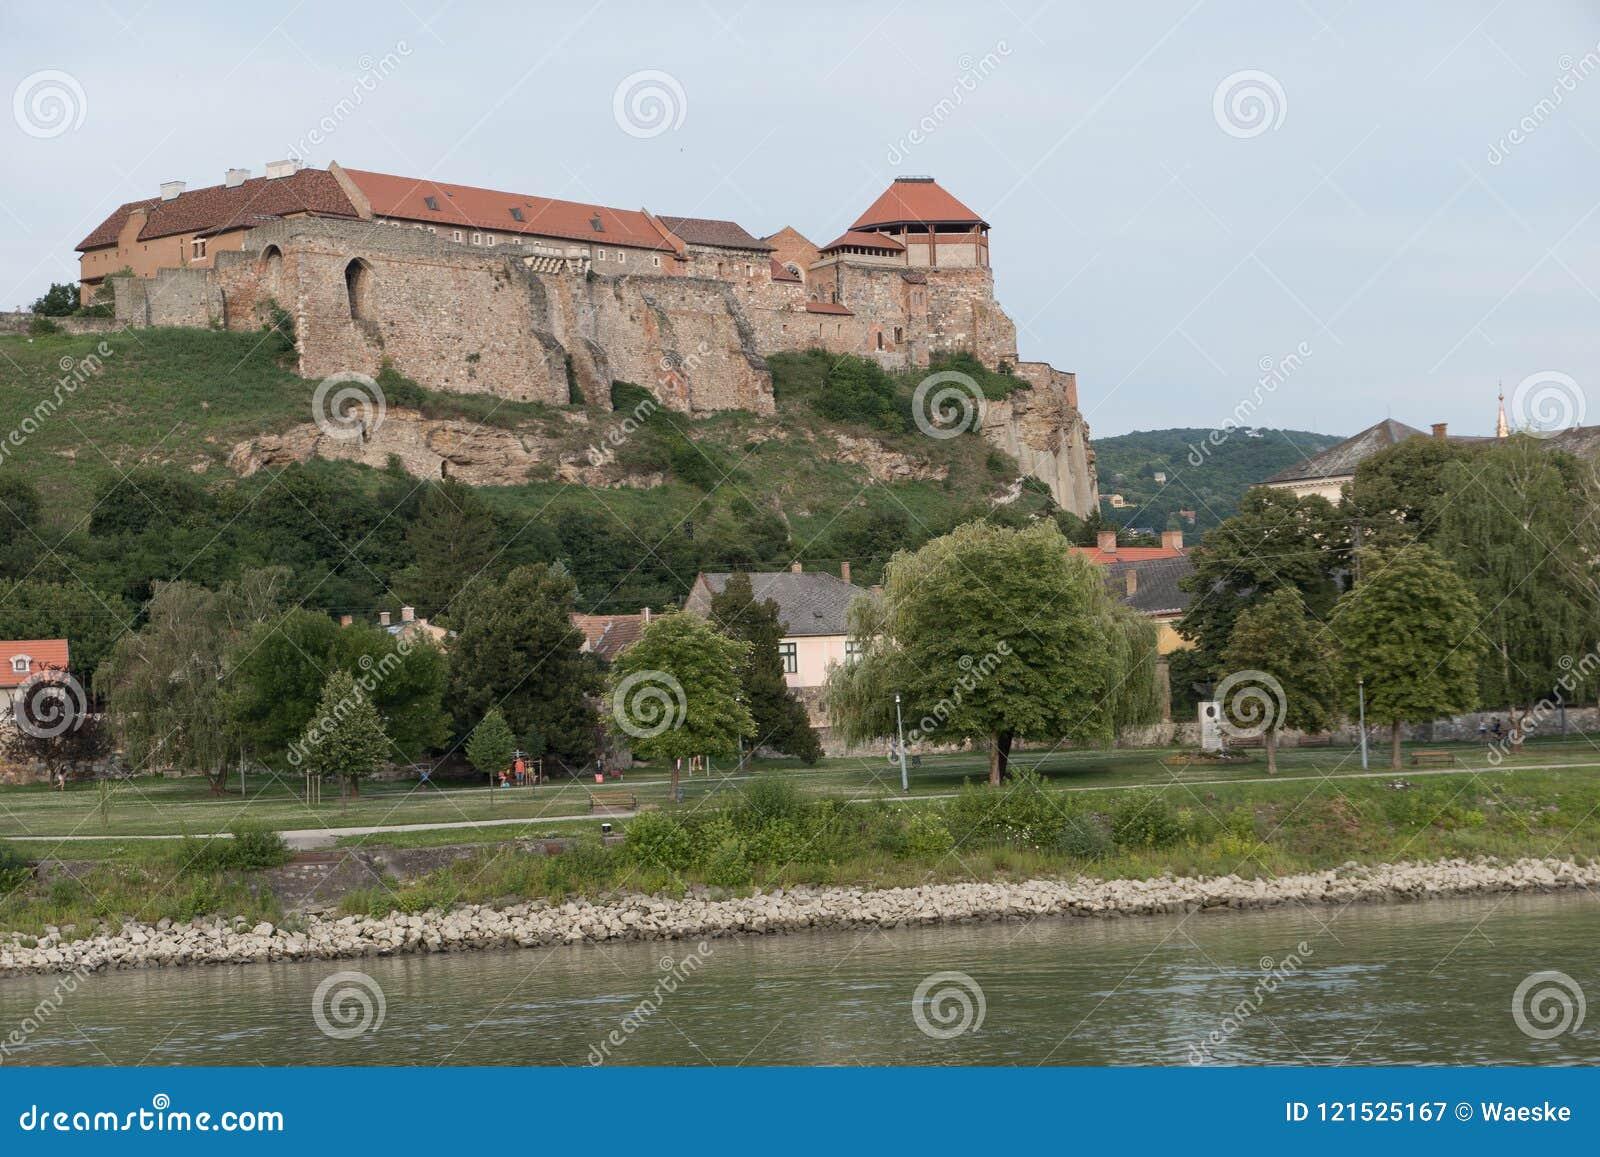 The monastery of esztergom